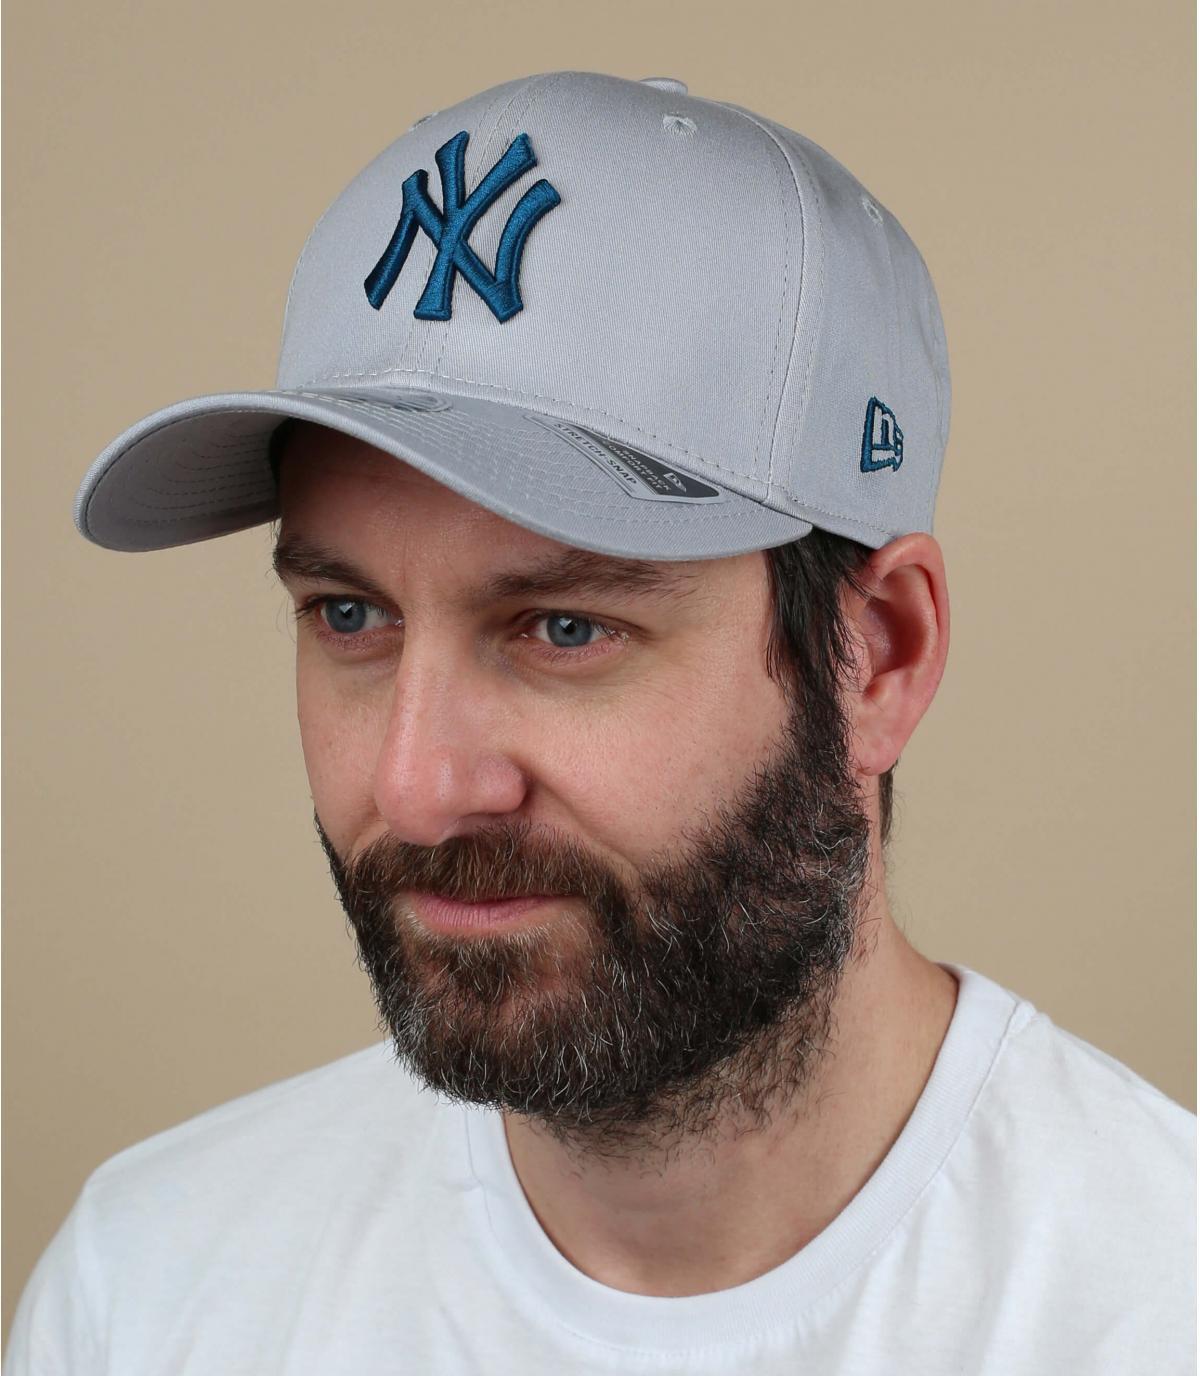 casquette NY bleu gris